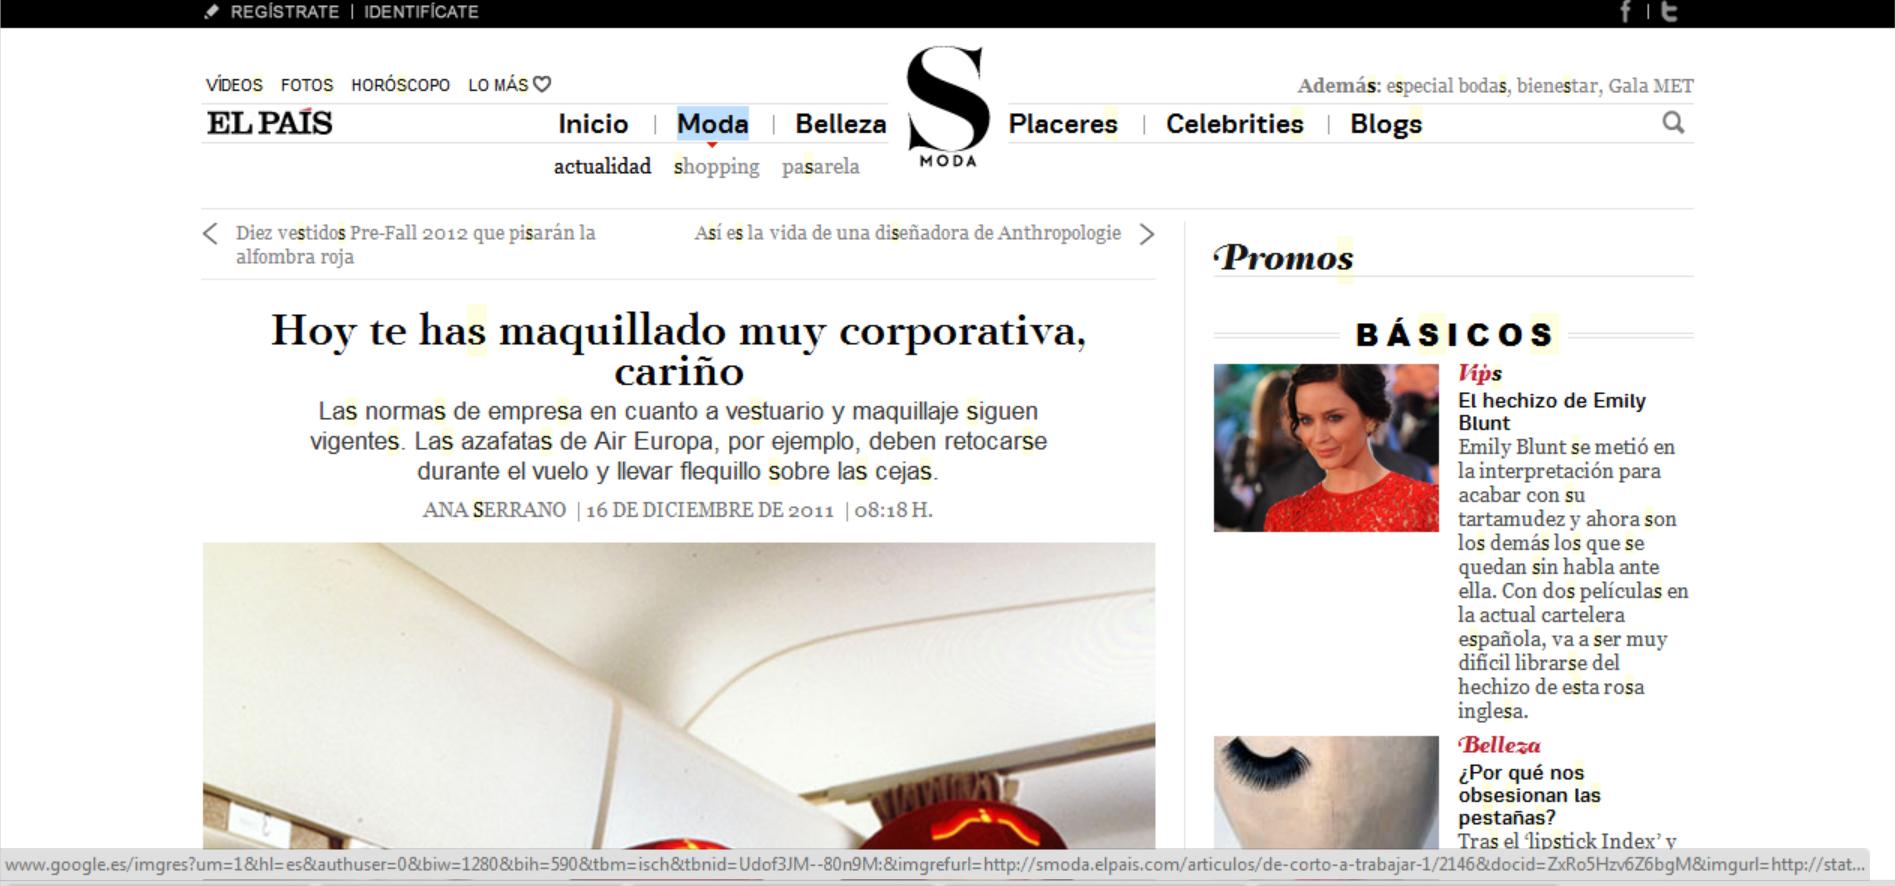 Consultores de Marketing en S-moda